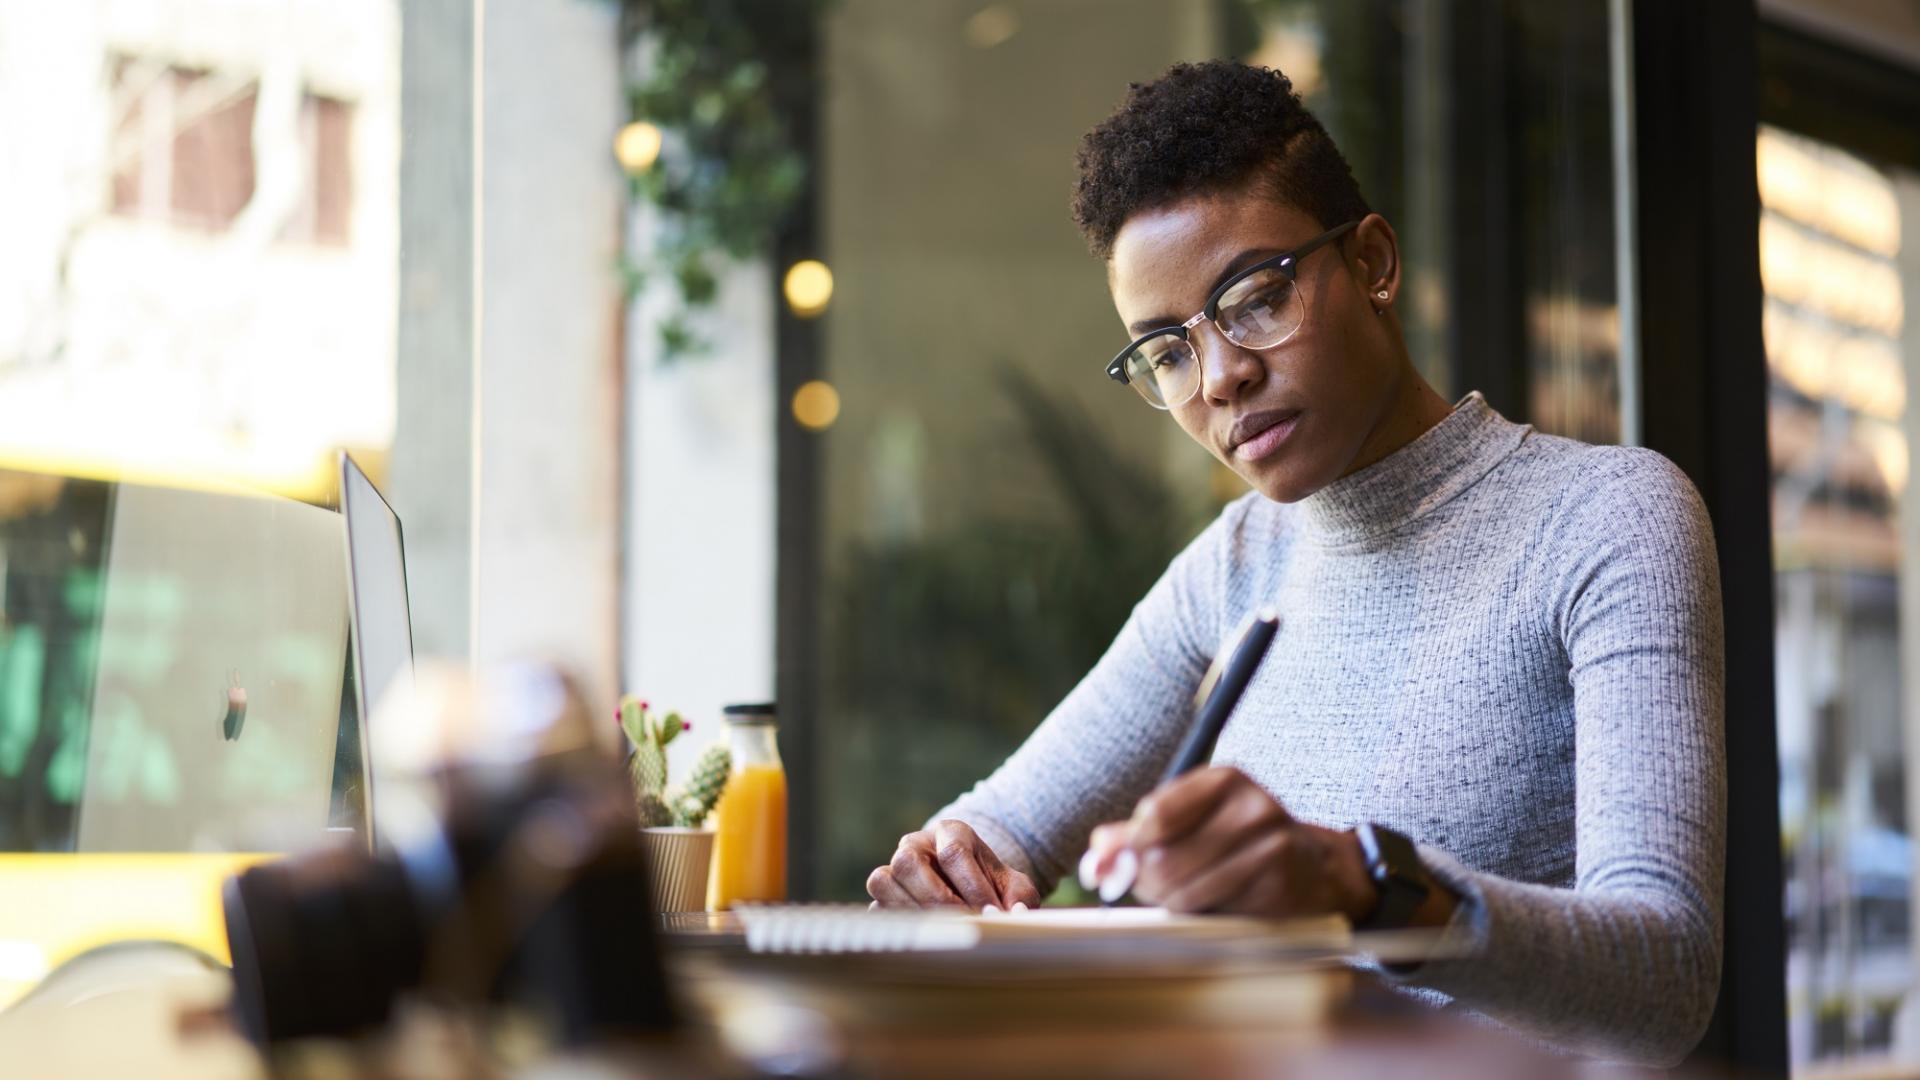 Frau, Cafe, Schreiben, brille schwarz, bipoc